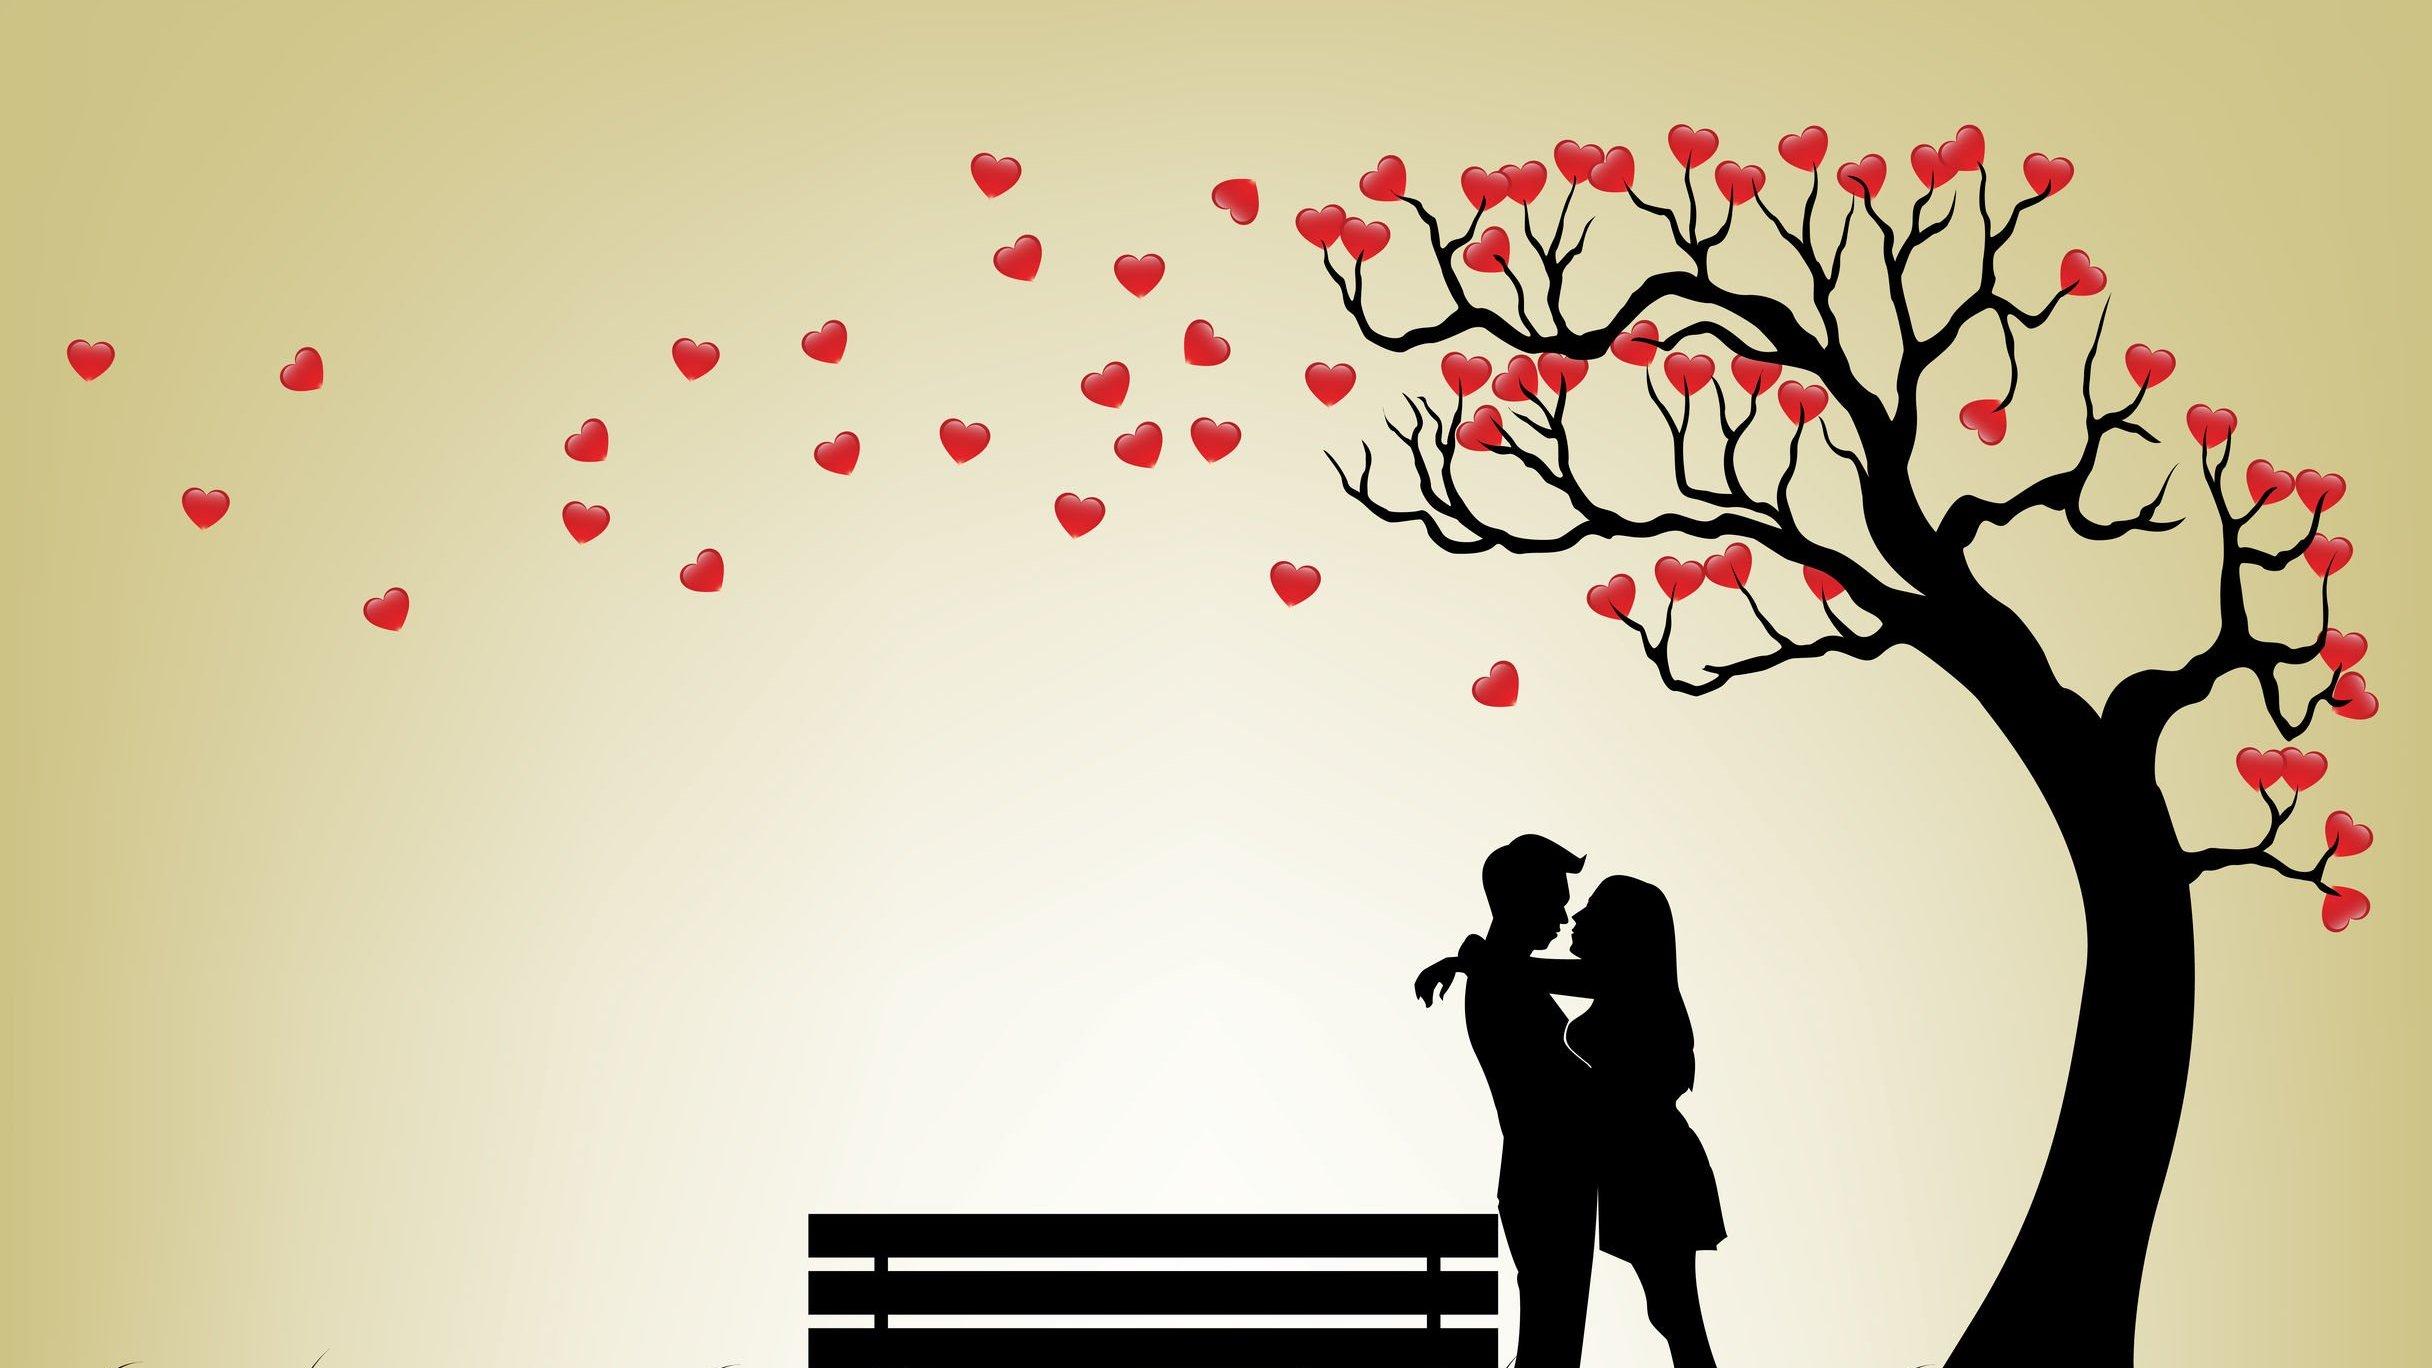 Desenho de um casal debaixo de uma árvore de corações